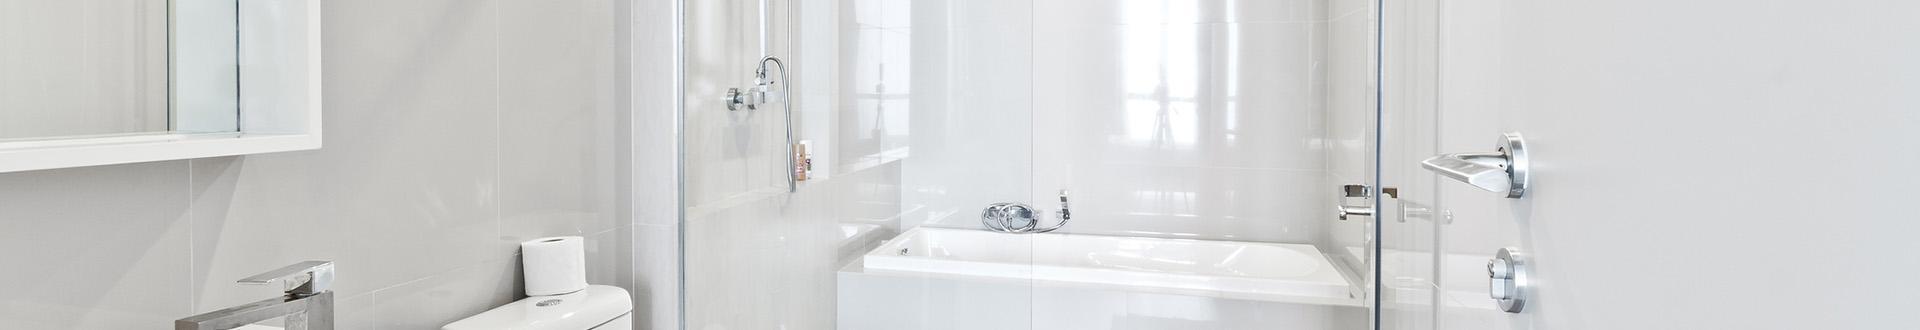 łazienka - banner kontakt